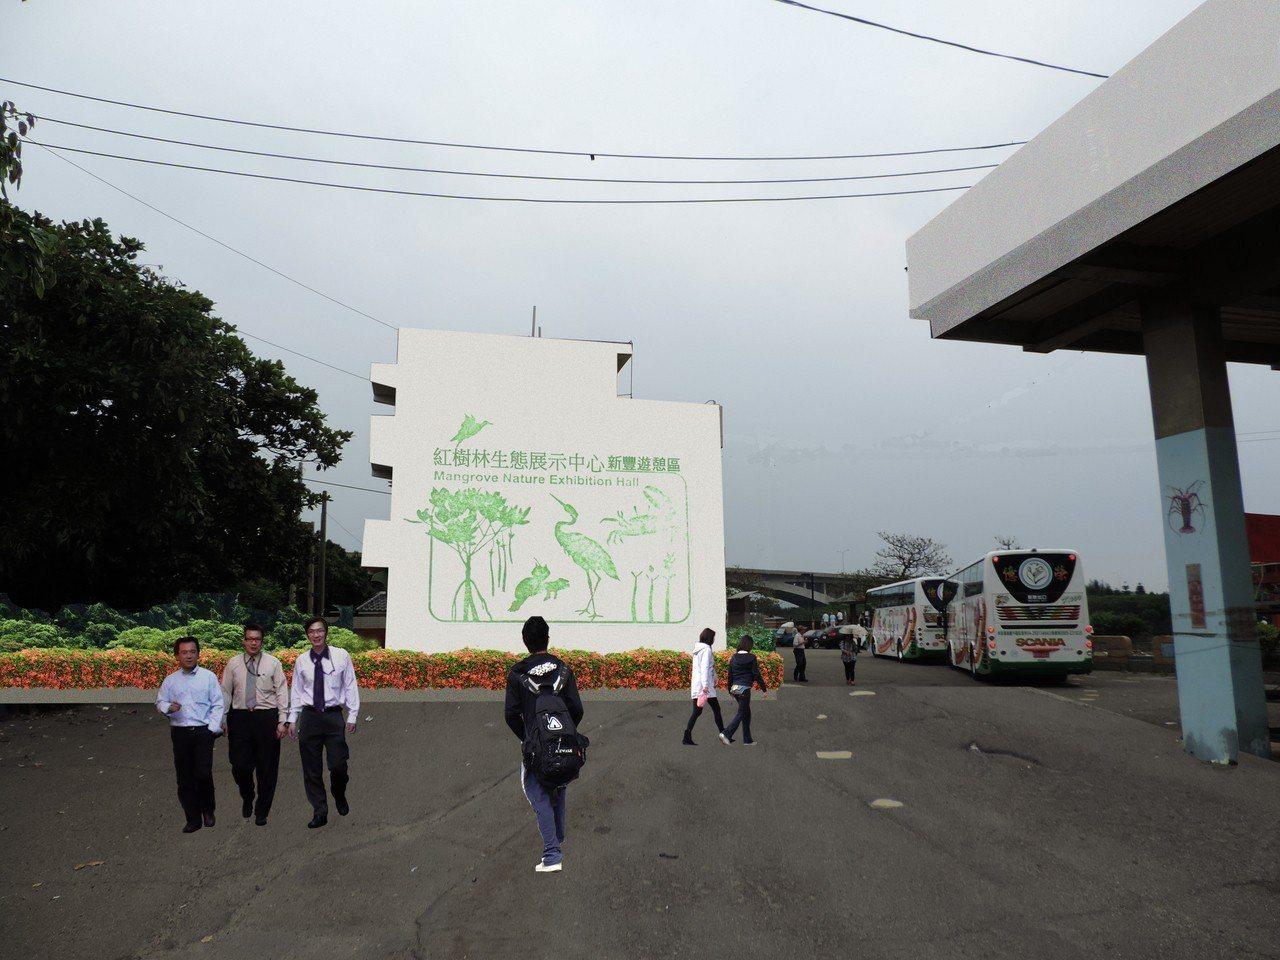 新竹縣新豐紅樹林的停車場,其中旅客中心將有側牆彩繪。圖/縣府提供